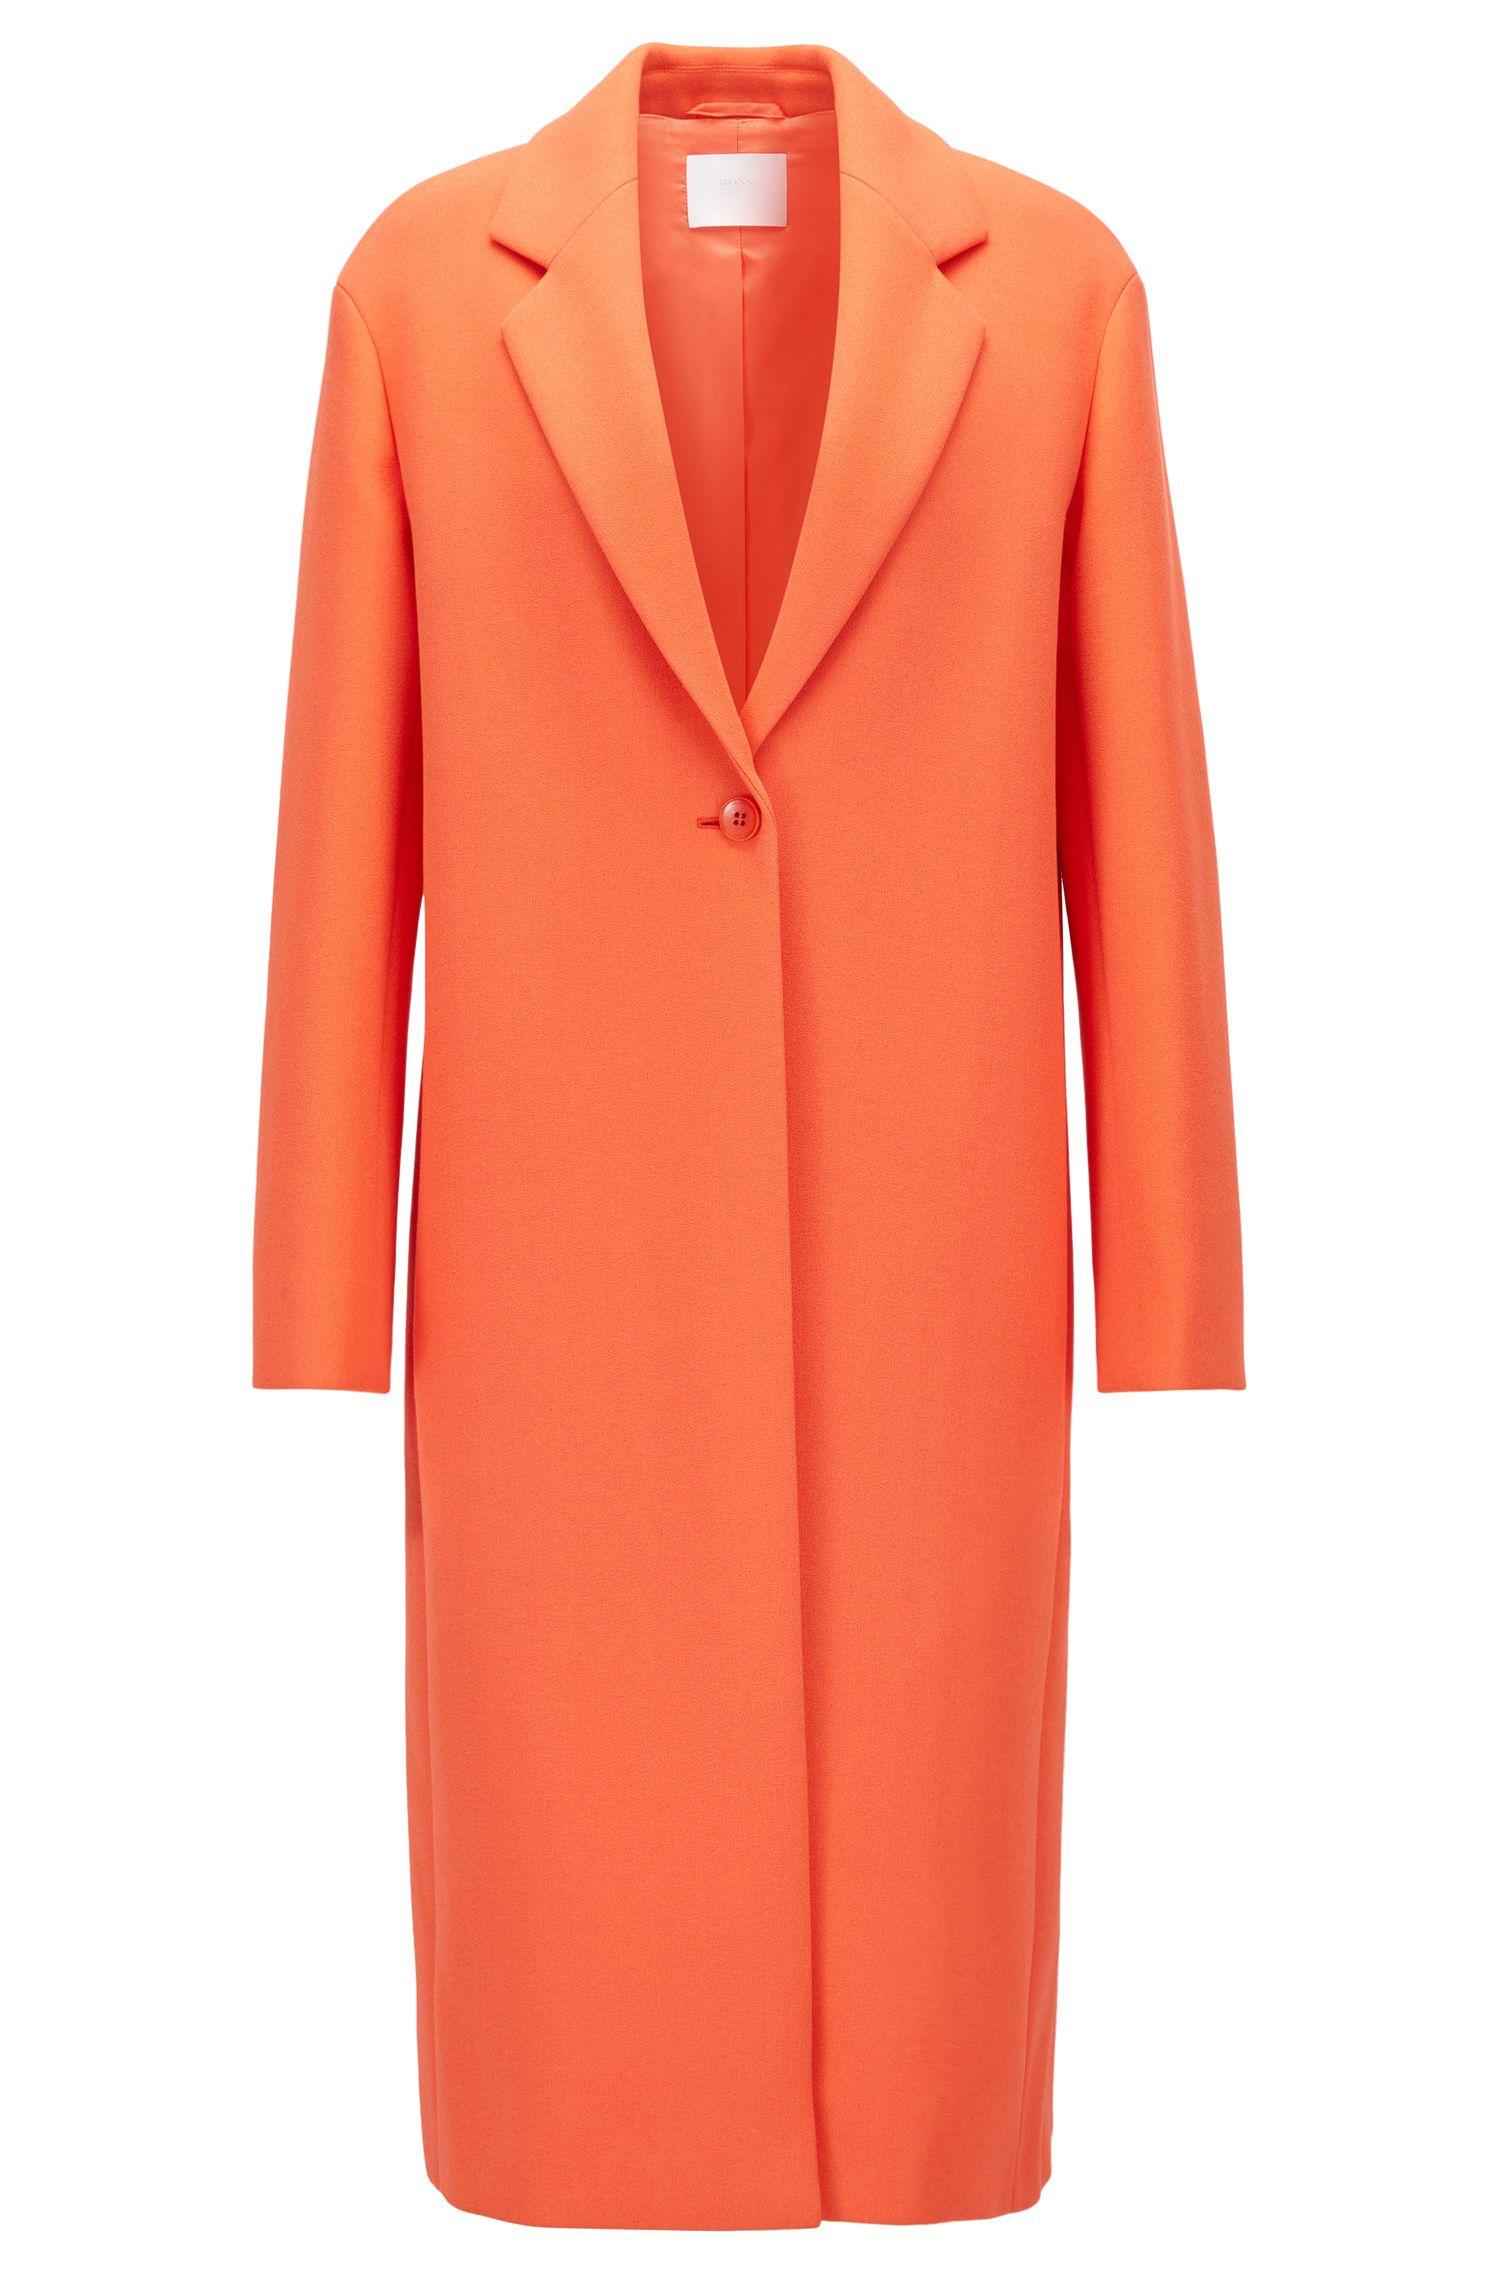 Single-Button Coat | Calenara GC